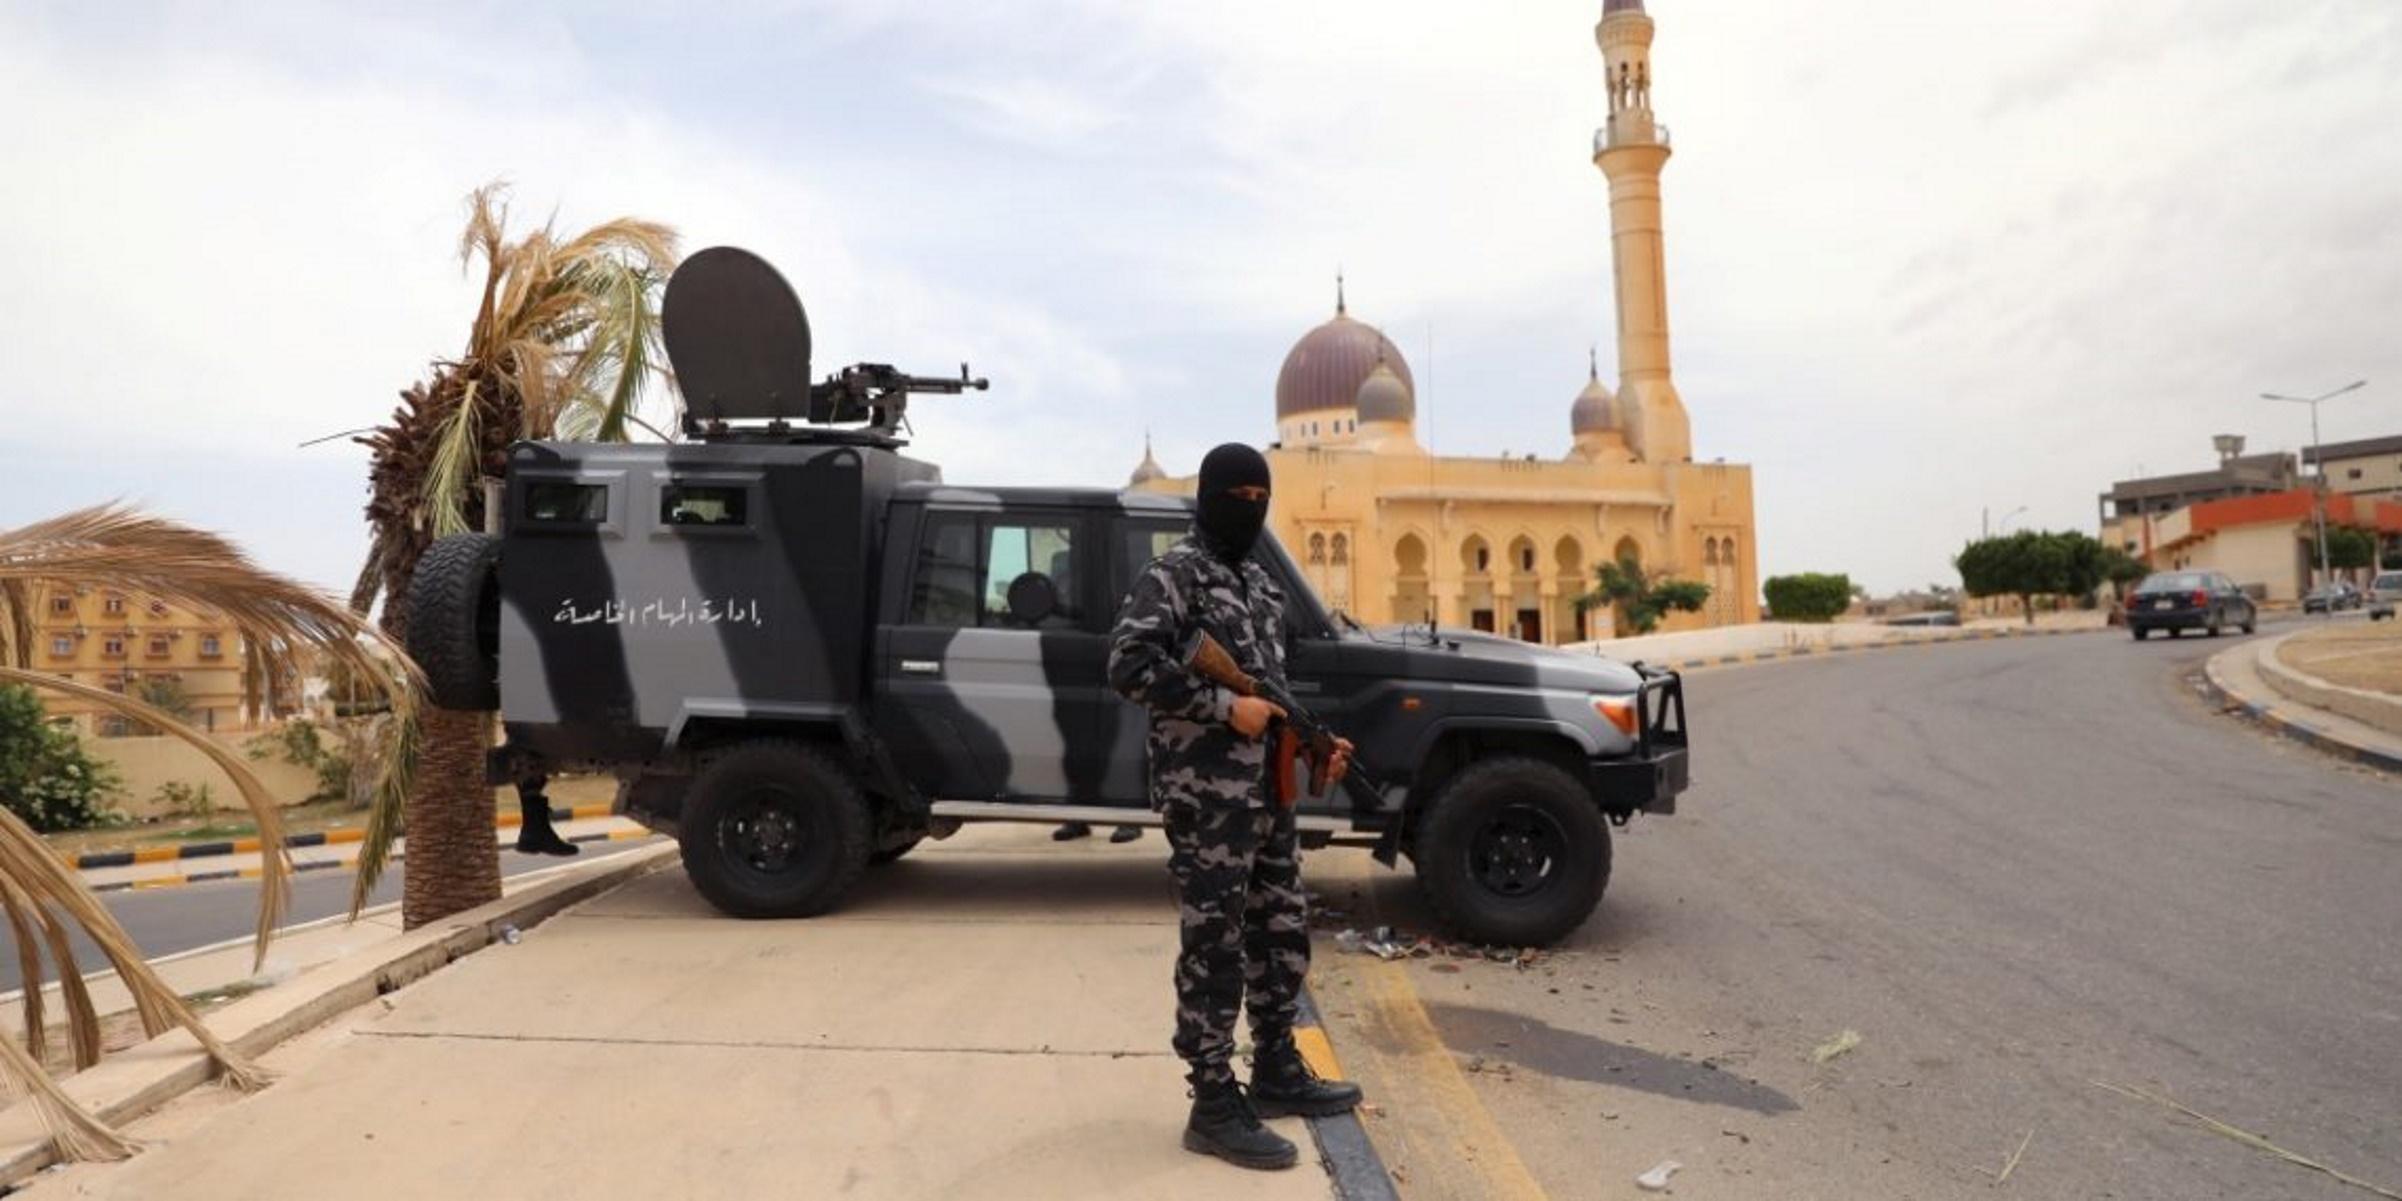 «Χαστούκι» των ΗΠΑ στην Άγκυρα: Να αποχωρήσουν οι τουρκικές στρατιωτικές δυνάμεις από τη Λιβύη